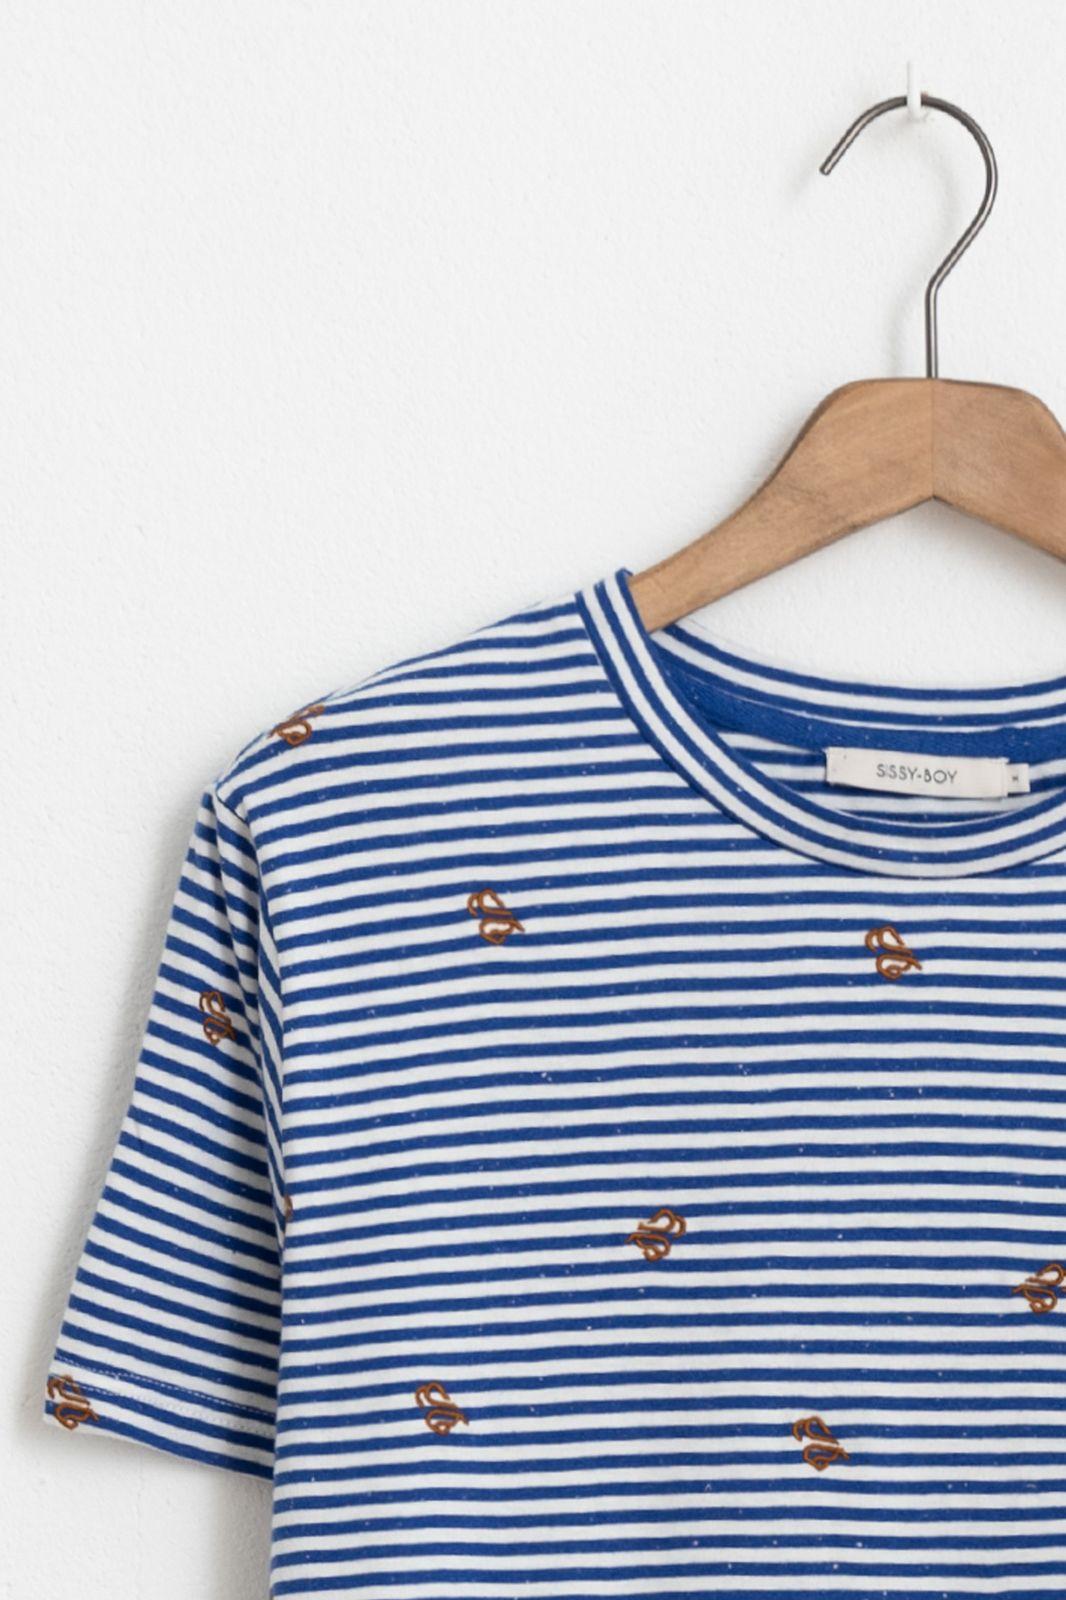 Blauw T-shirt met strepen en embroidery